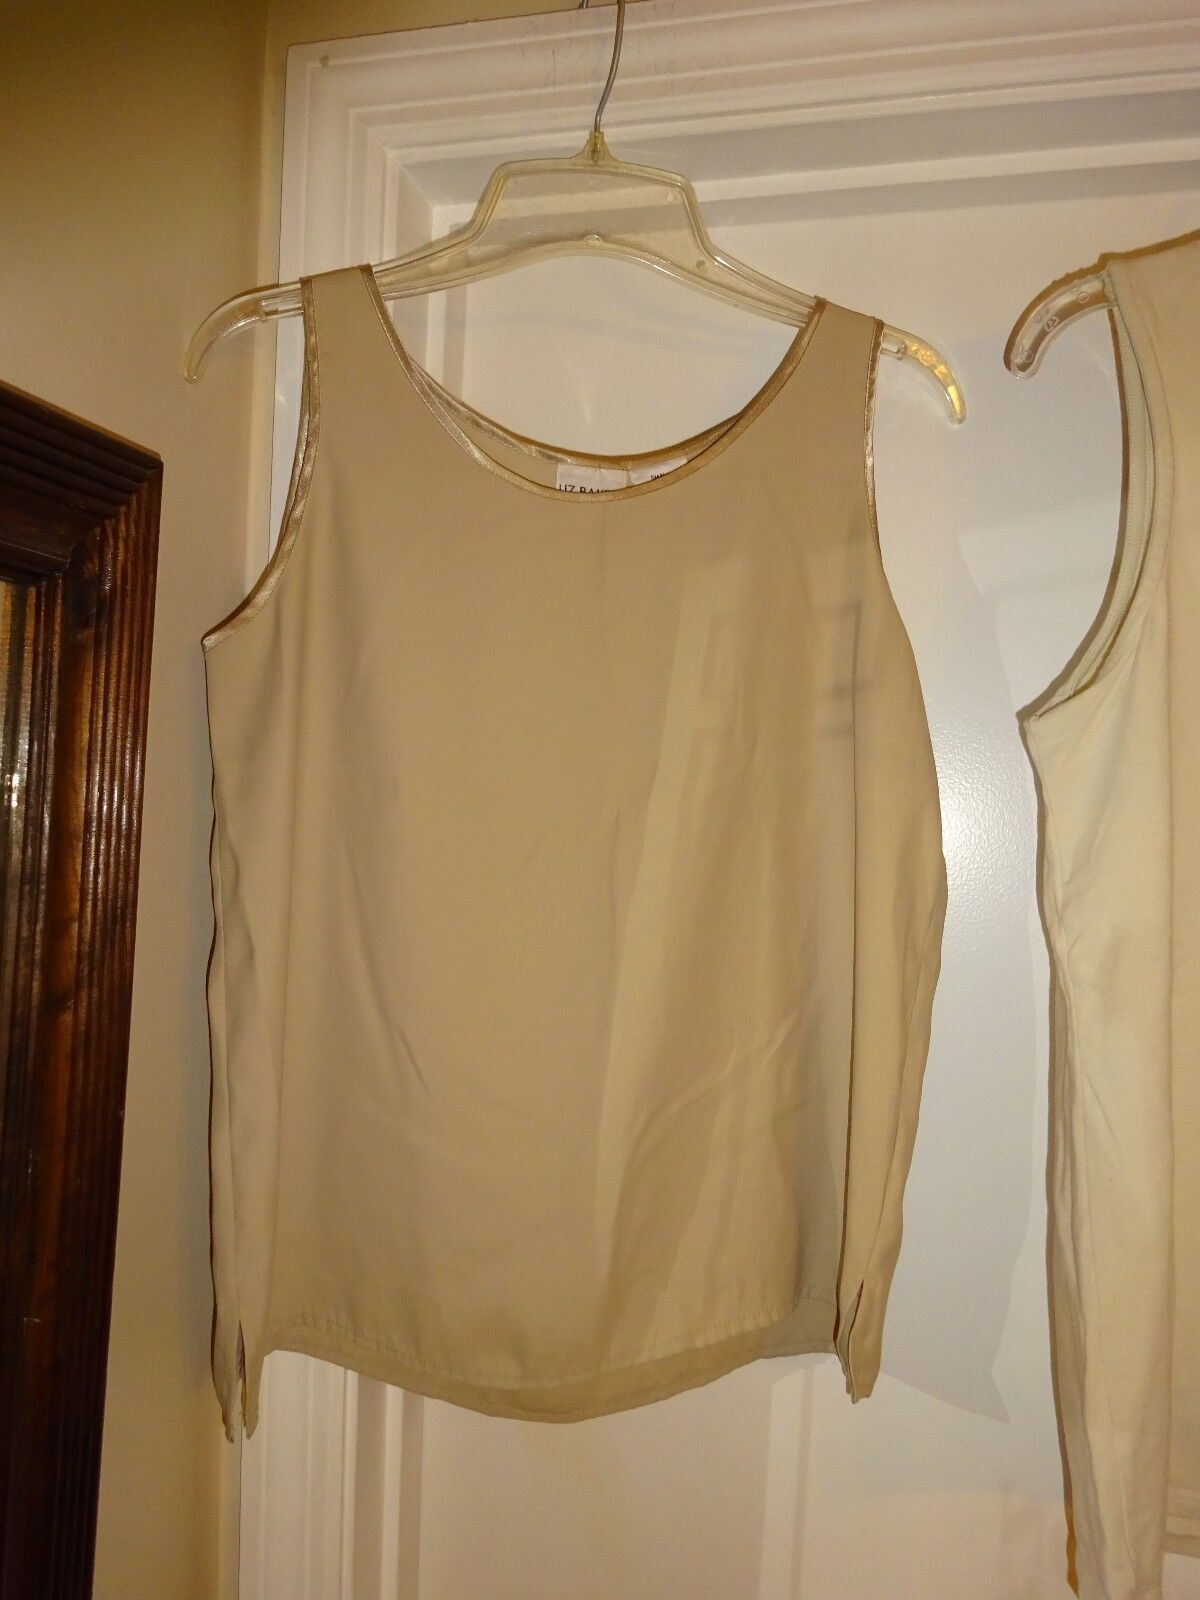 LIZ BAKER Essentials Women's Camisole Tank Top Lt Camel Sleeveless Womens Small